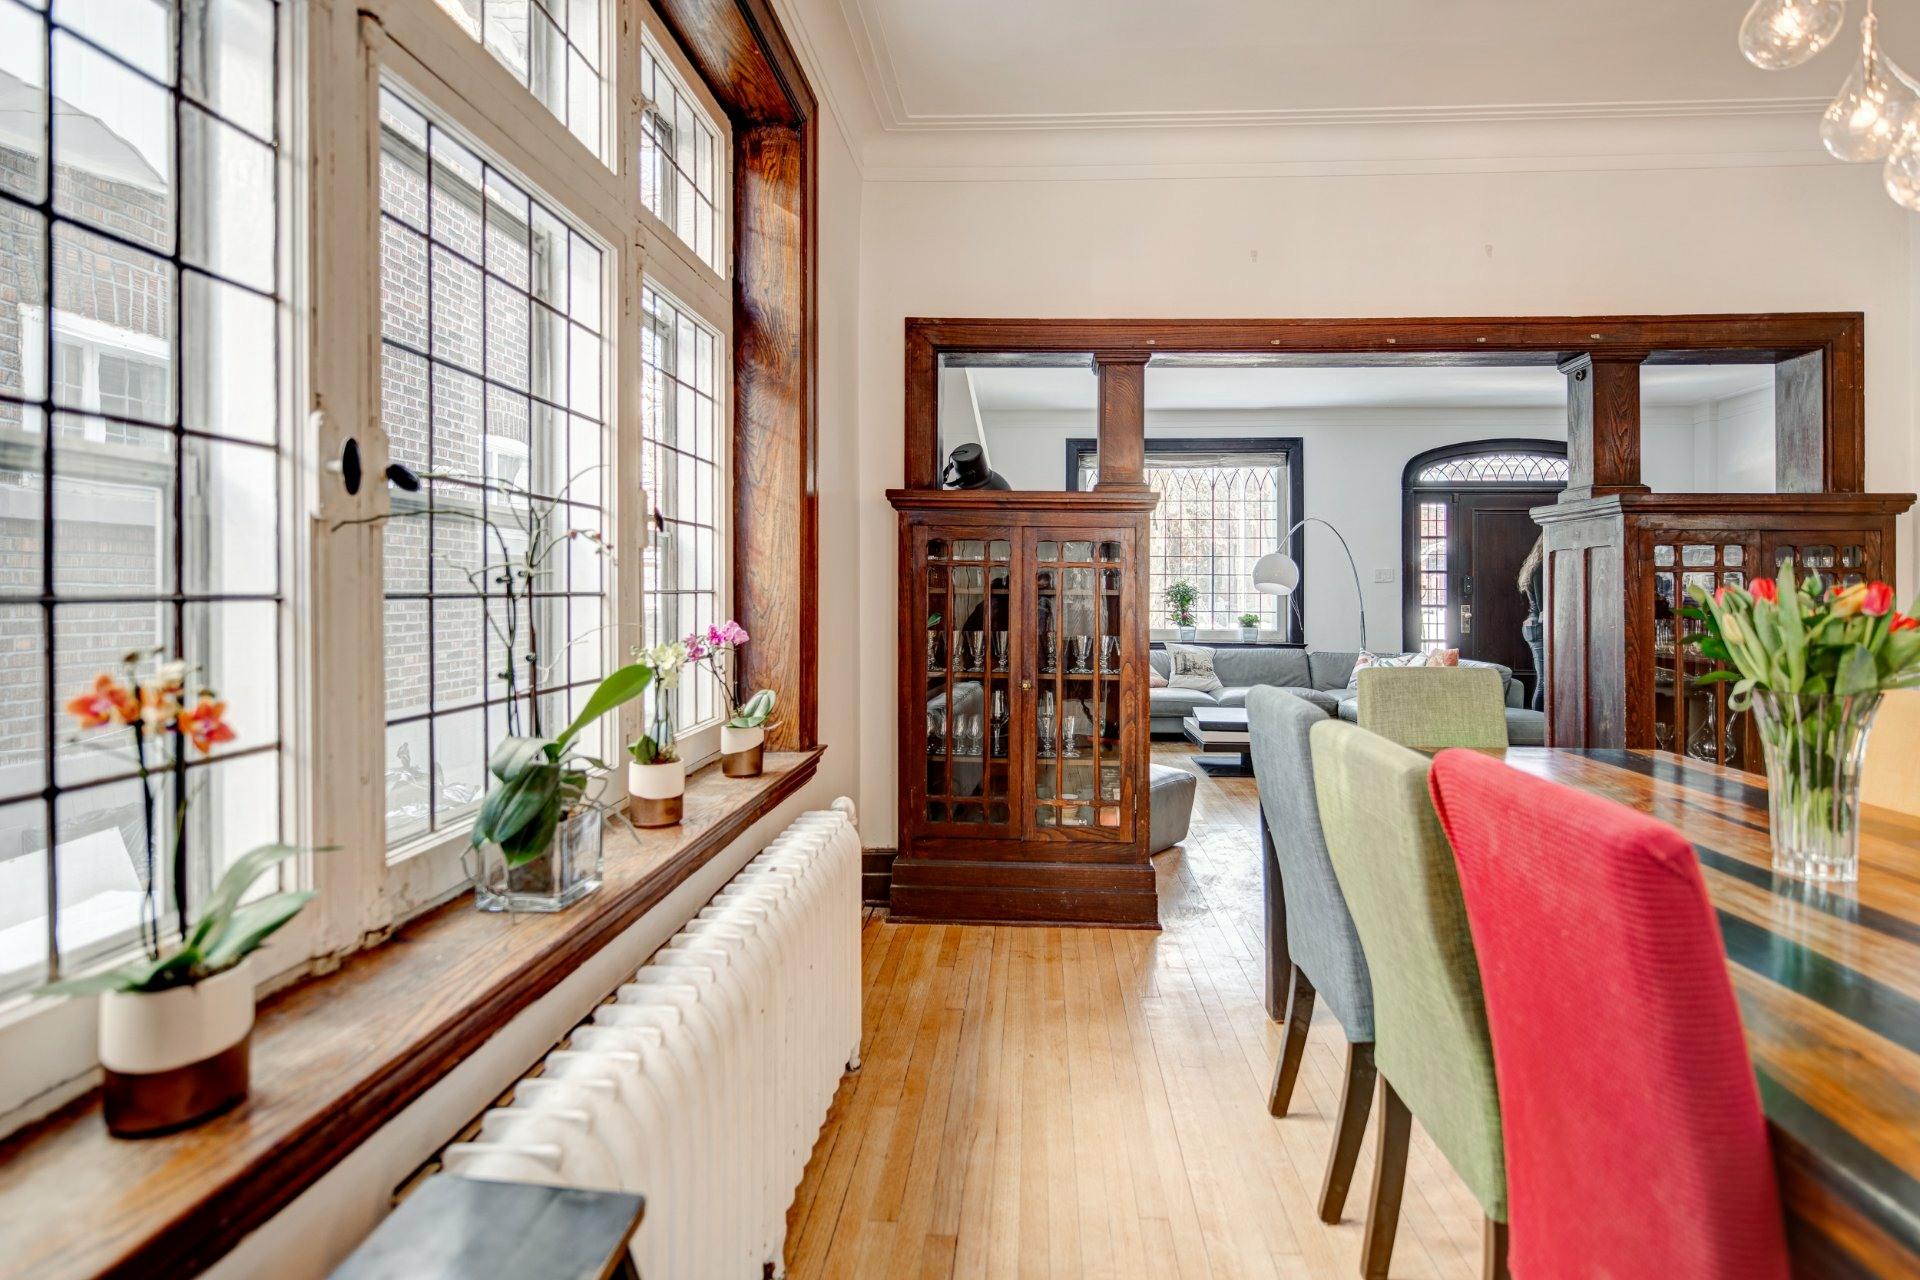 image 15 - House For sale Côte-des-Neiges/Notre-Dame-de-Grâce Montréal  - 10 rooms